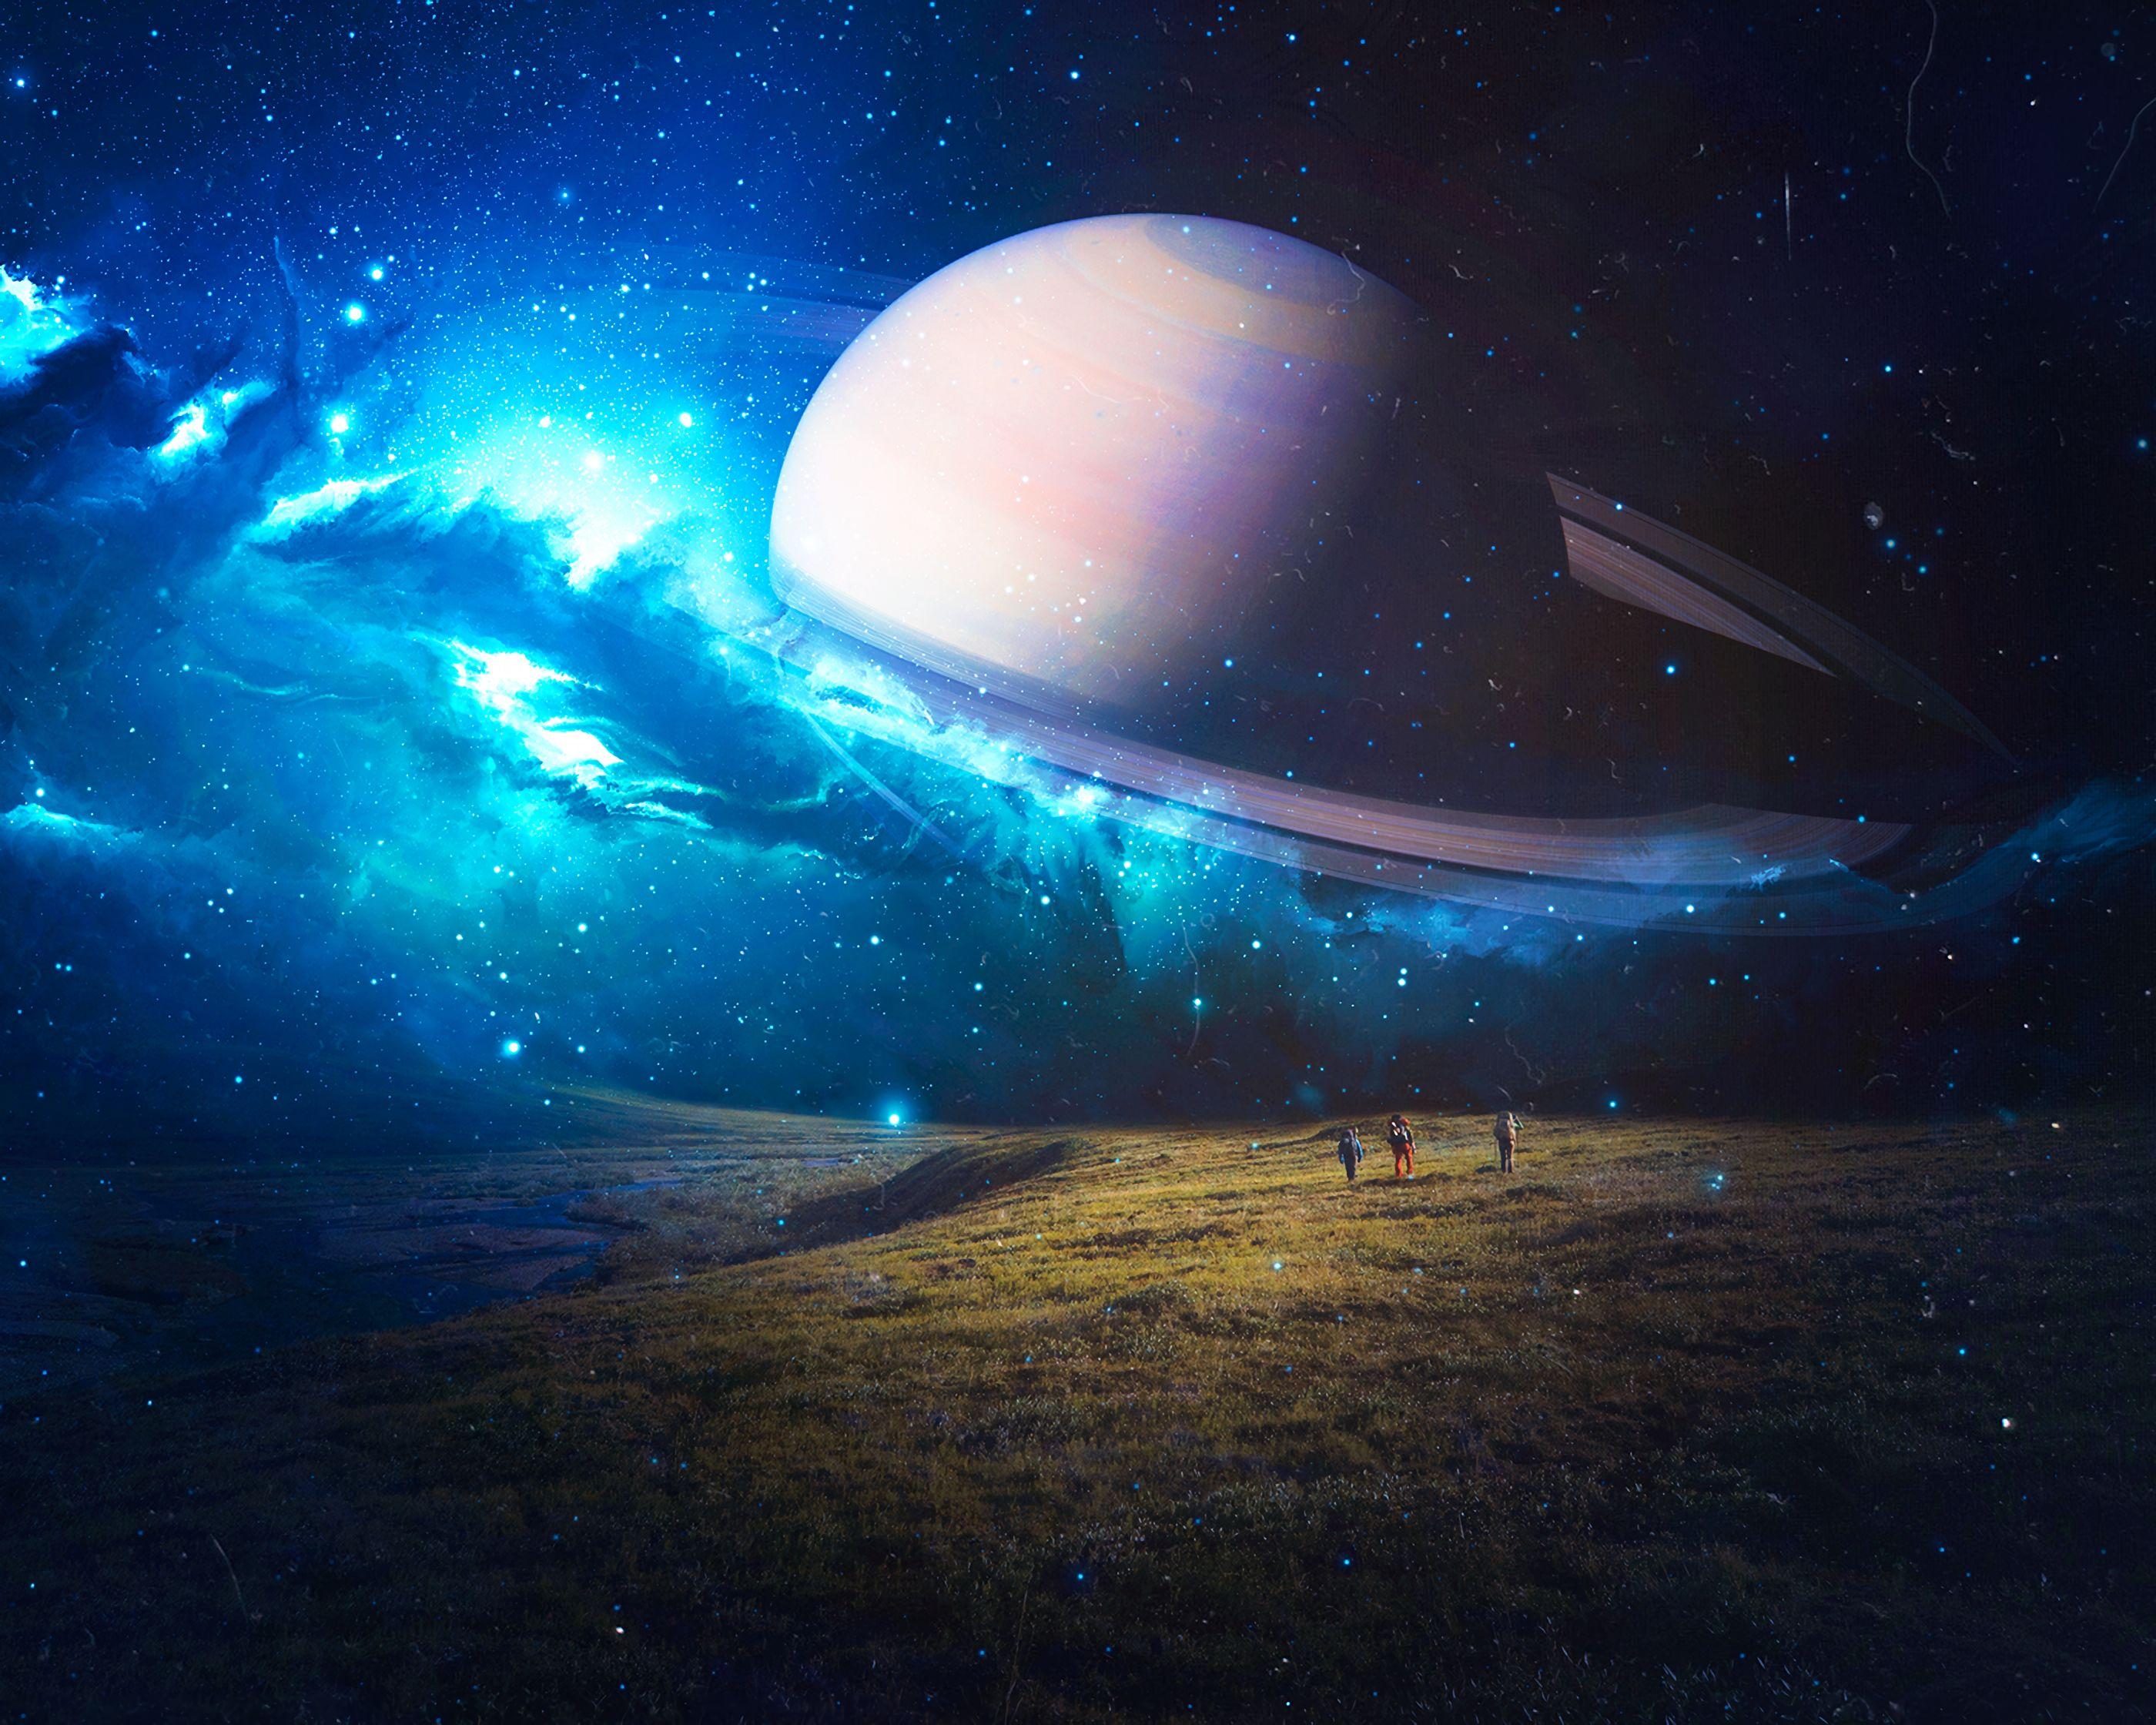 72103 Заставки и Обои Космос на телефон. Скачать Космос, Будущее, Звезды, Арт, Планета картинки бесплатно